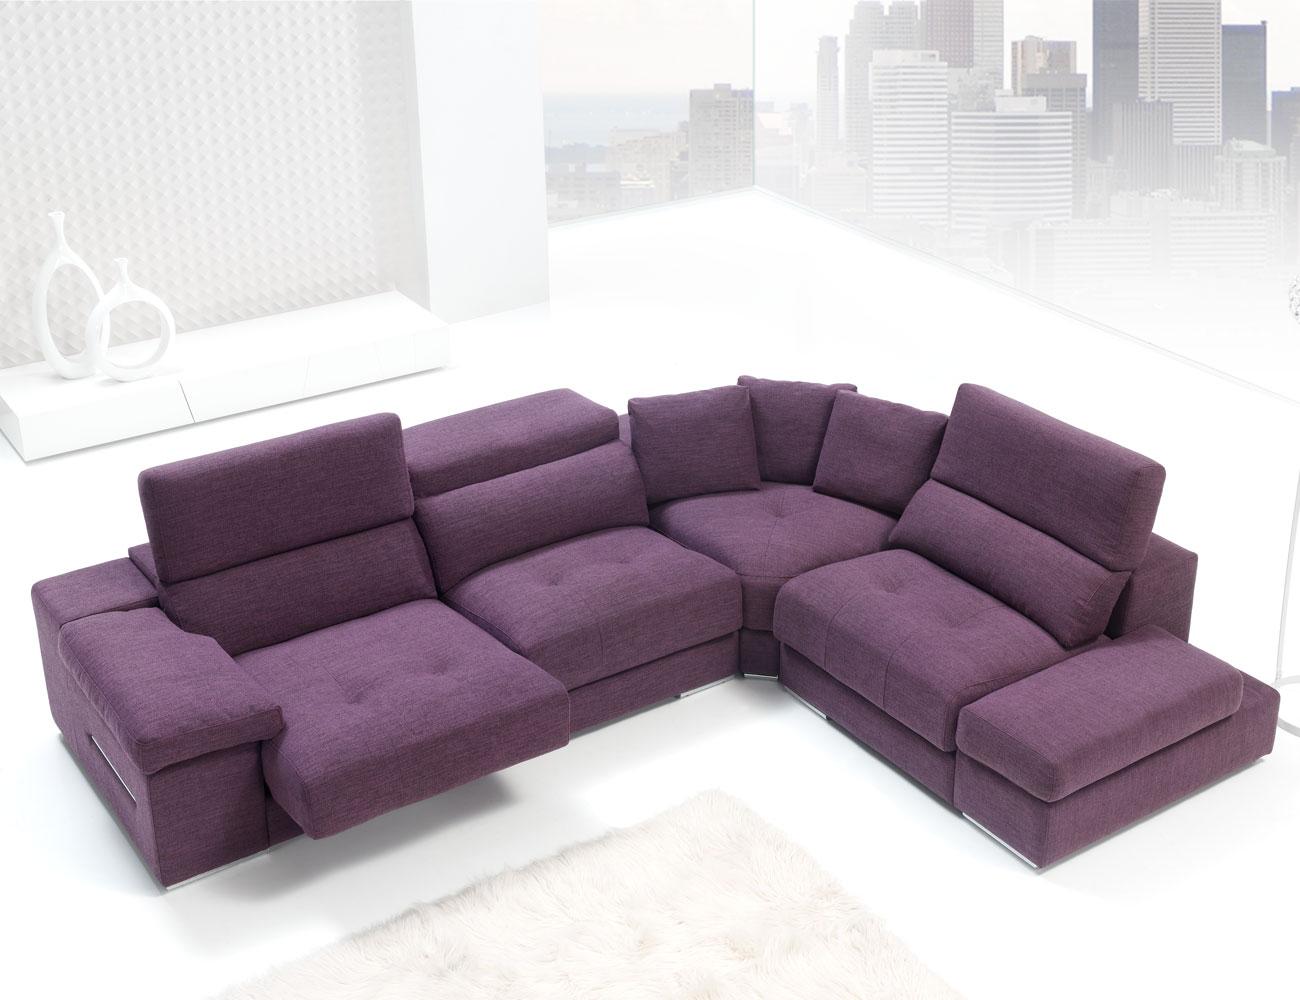 Sofa chaiselongue rincon con brazo mecanico tejido anti manchas 246